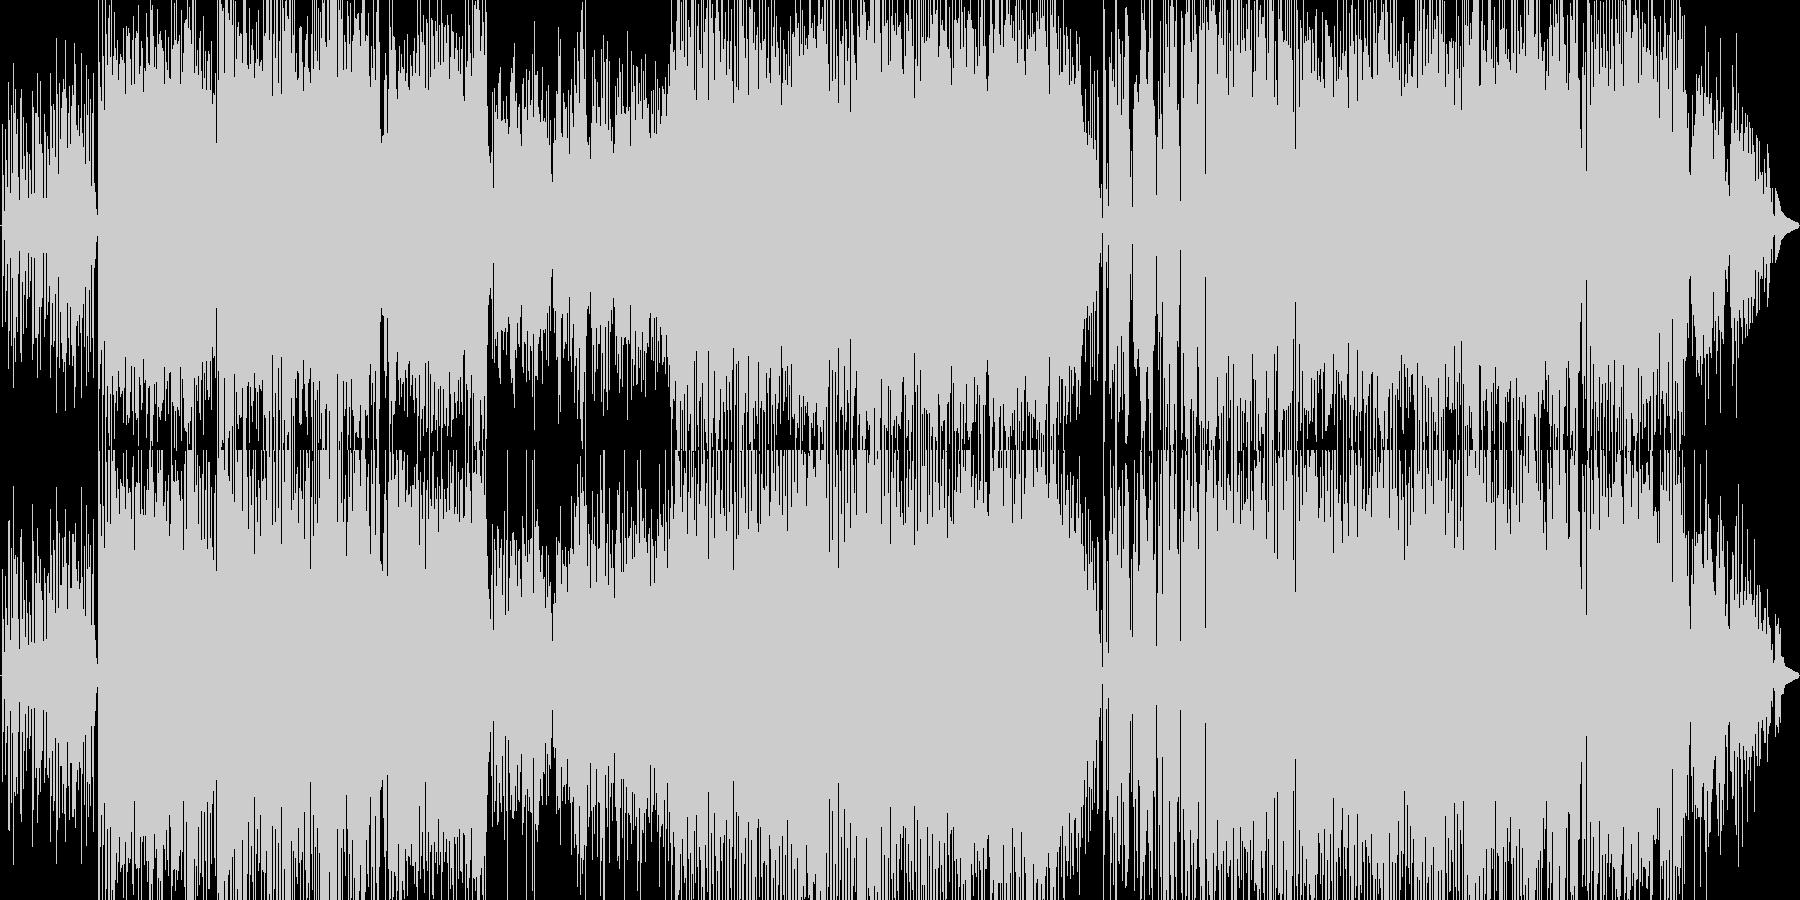 オシャレで高級感があるが、アツいビートの未再生の波形